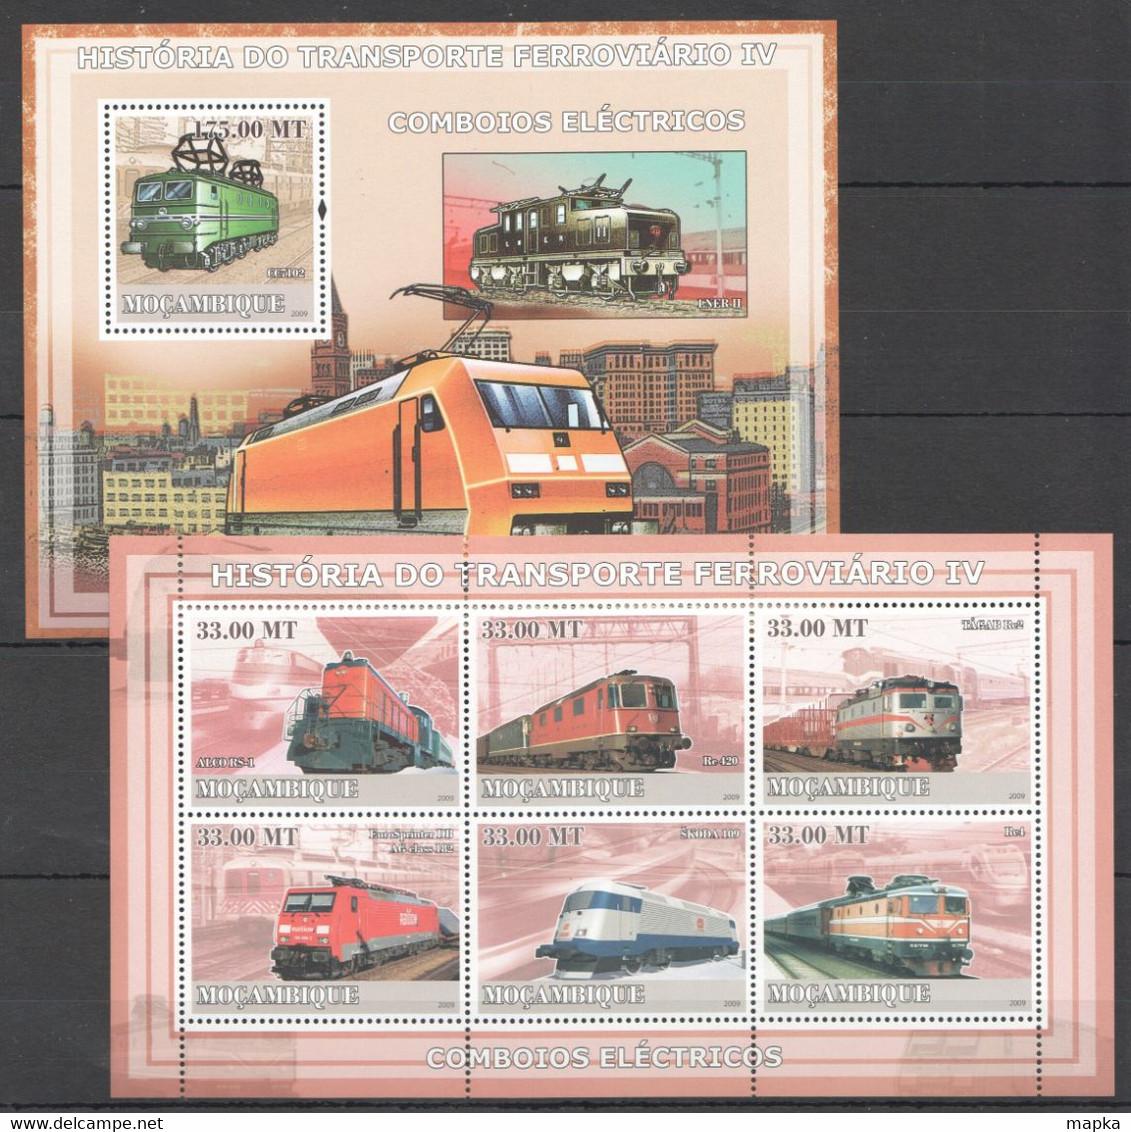 XX616 2009 MOZAMBIQUE MOCAMBIQUE TRAINS HISTORIA DO FERROVIARIO 4 1SH+1BL MNH - Trains